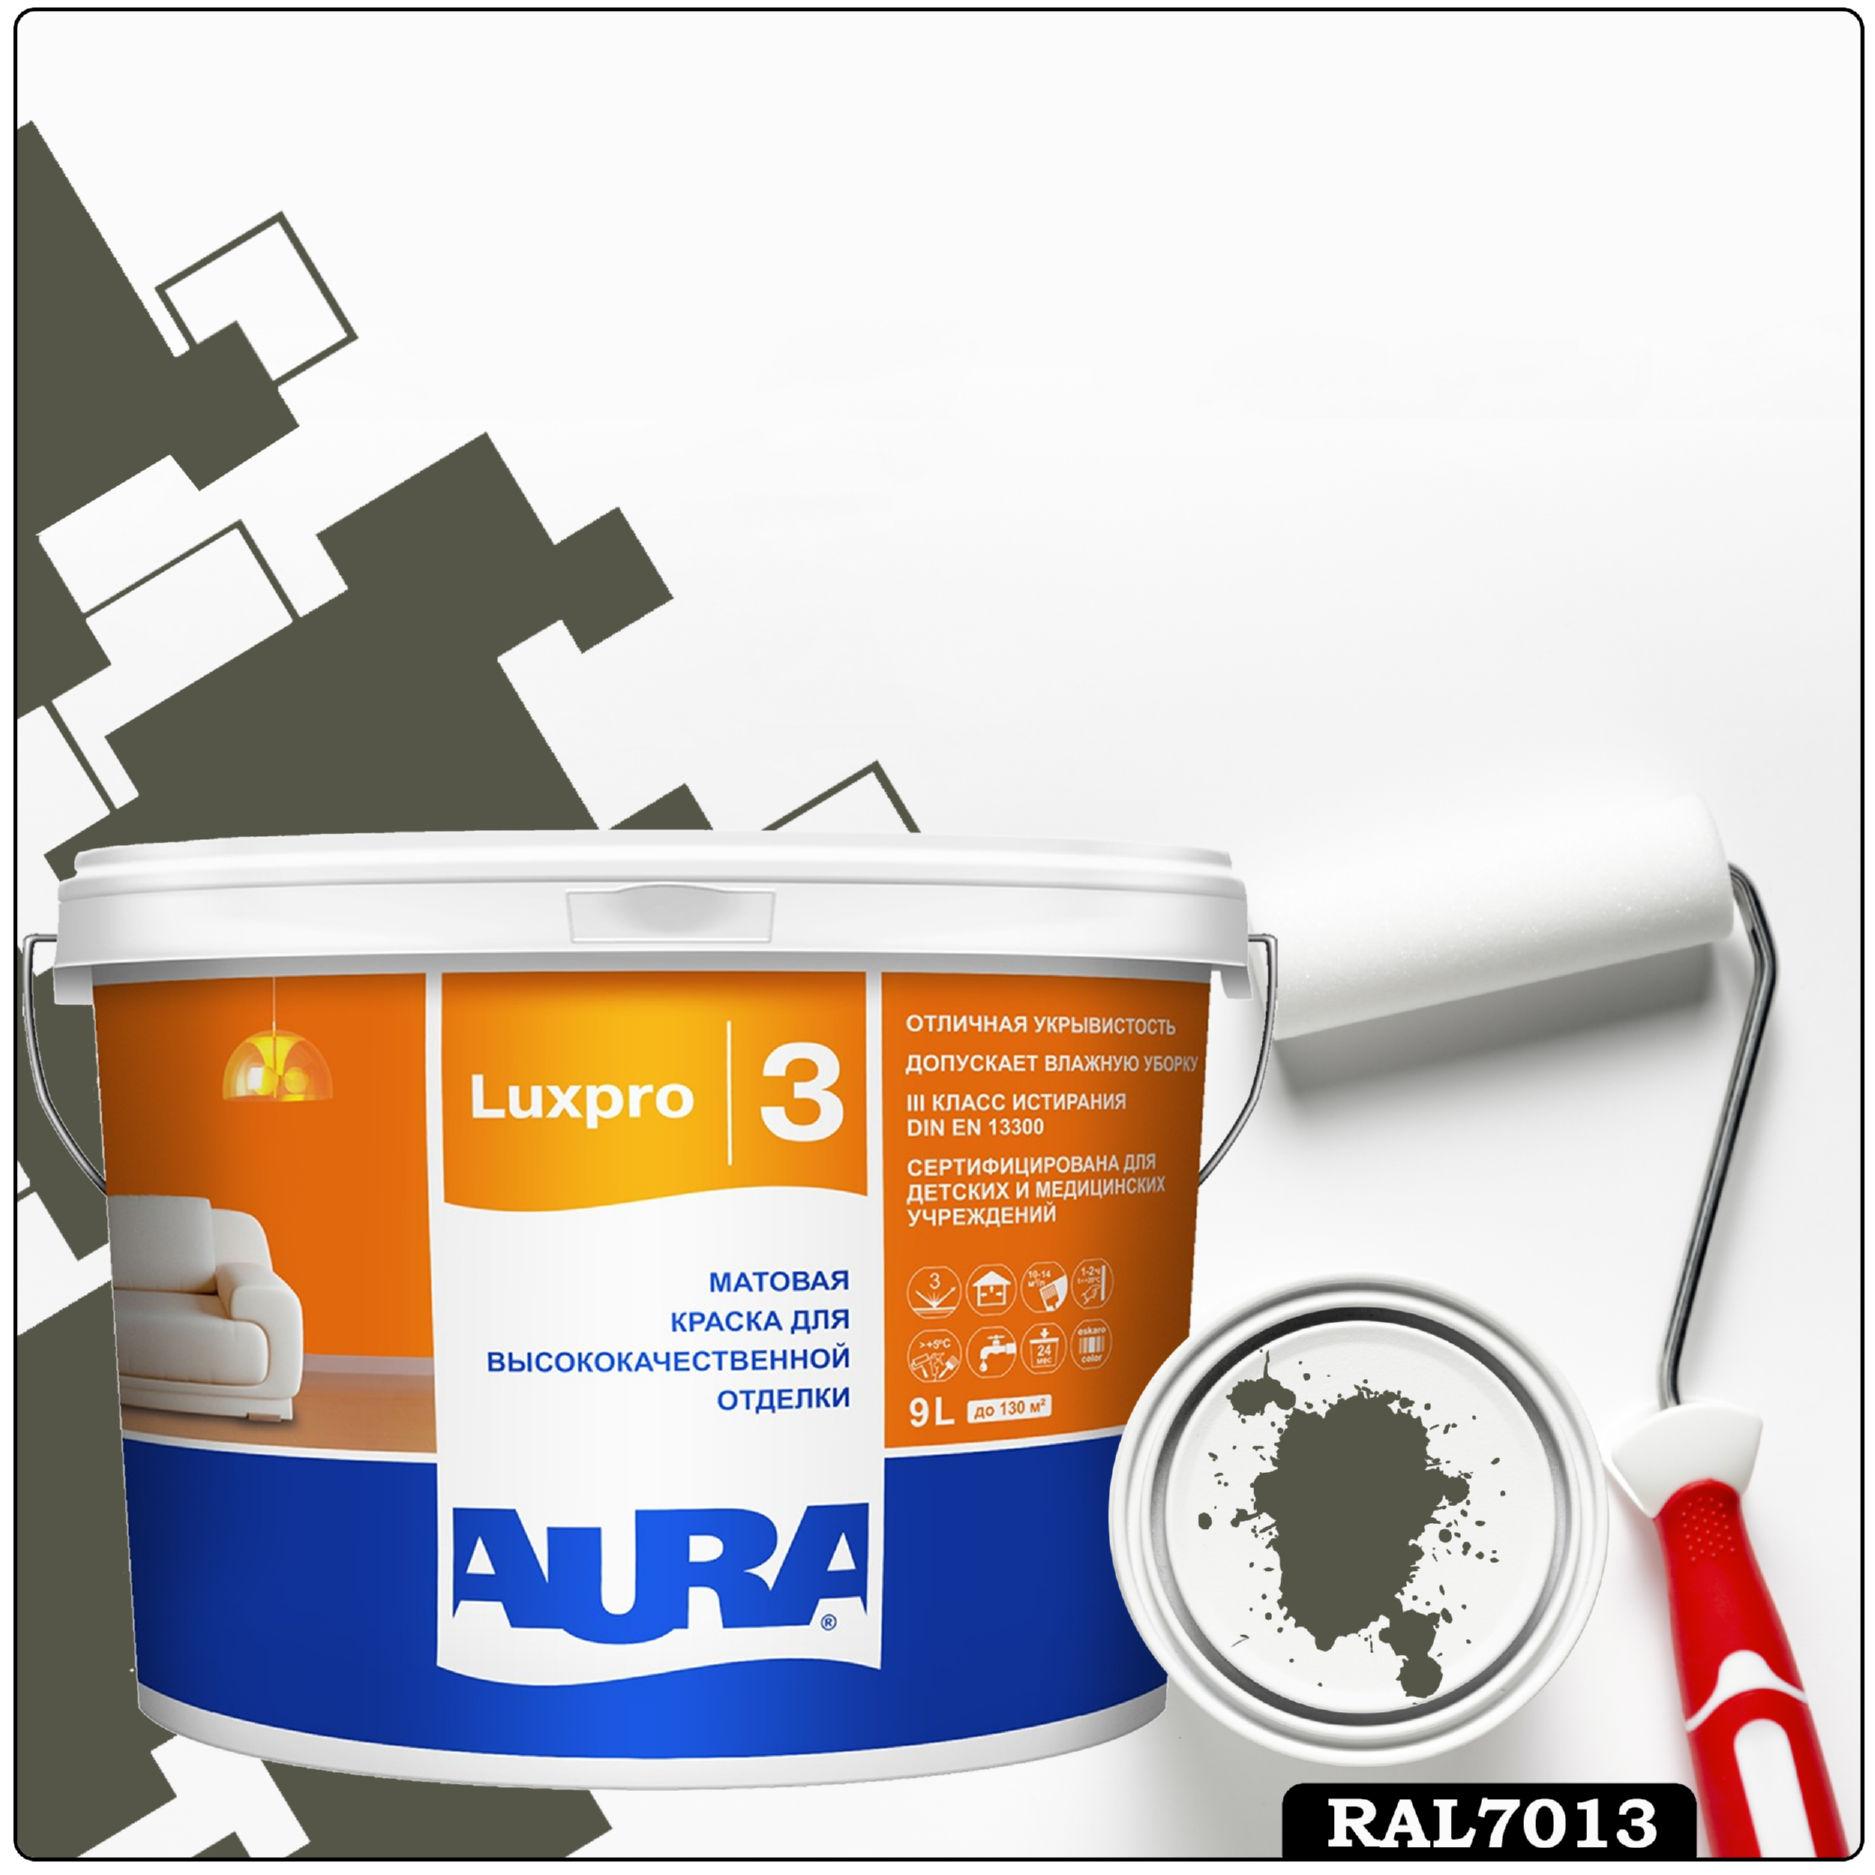 Фото 13 - Краска Aura LuxPRO 3, RAL 7013 Коричнево-серый, латексная, шелково-матовая, интерьерная, 9л, Аура.